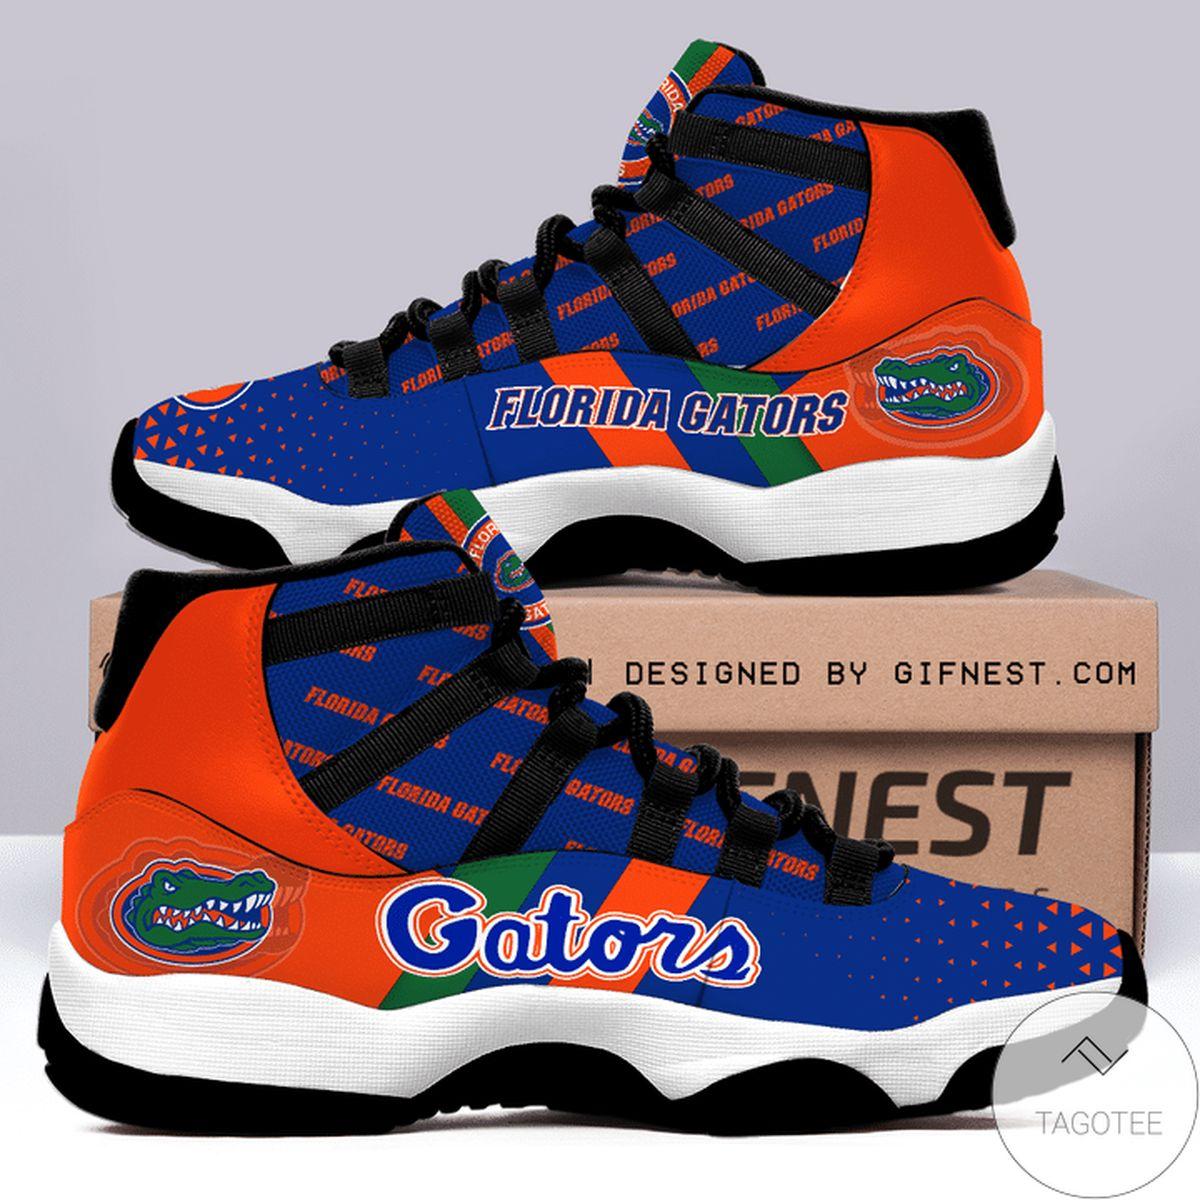 Florida Gators Air Jordan 11 Shoes